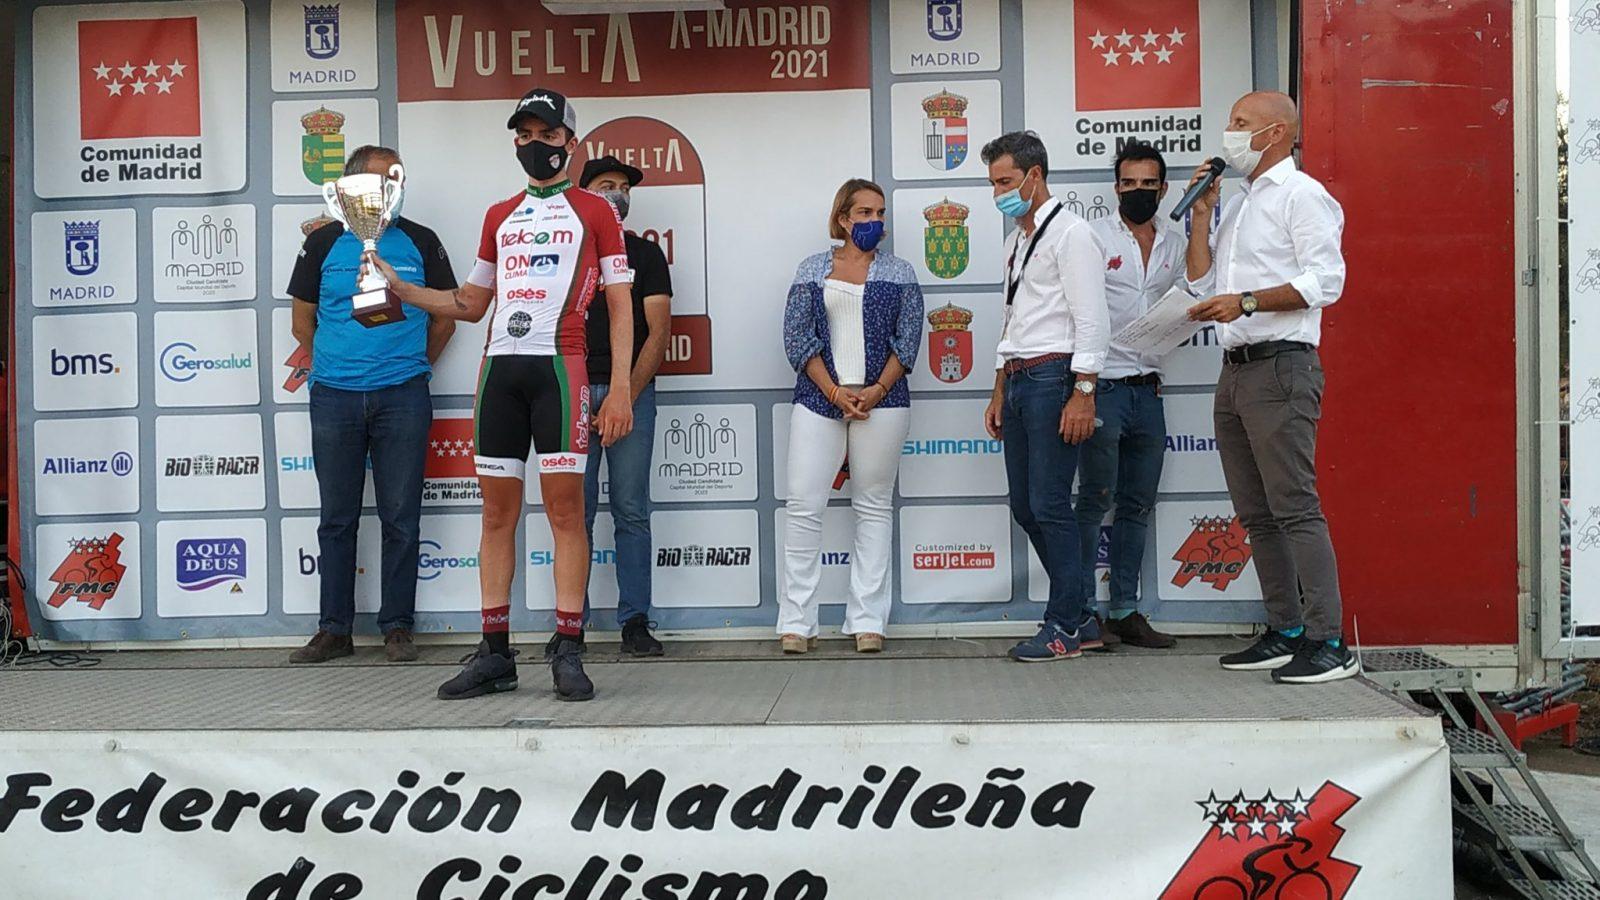 José Marín en lo alto del podium de Madrid (Foto: @FMCiclismo)